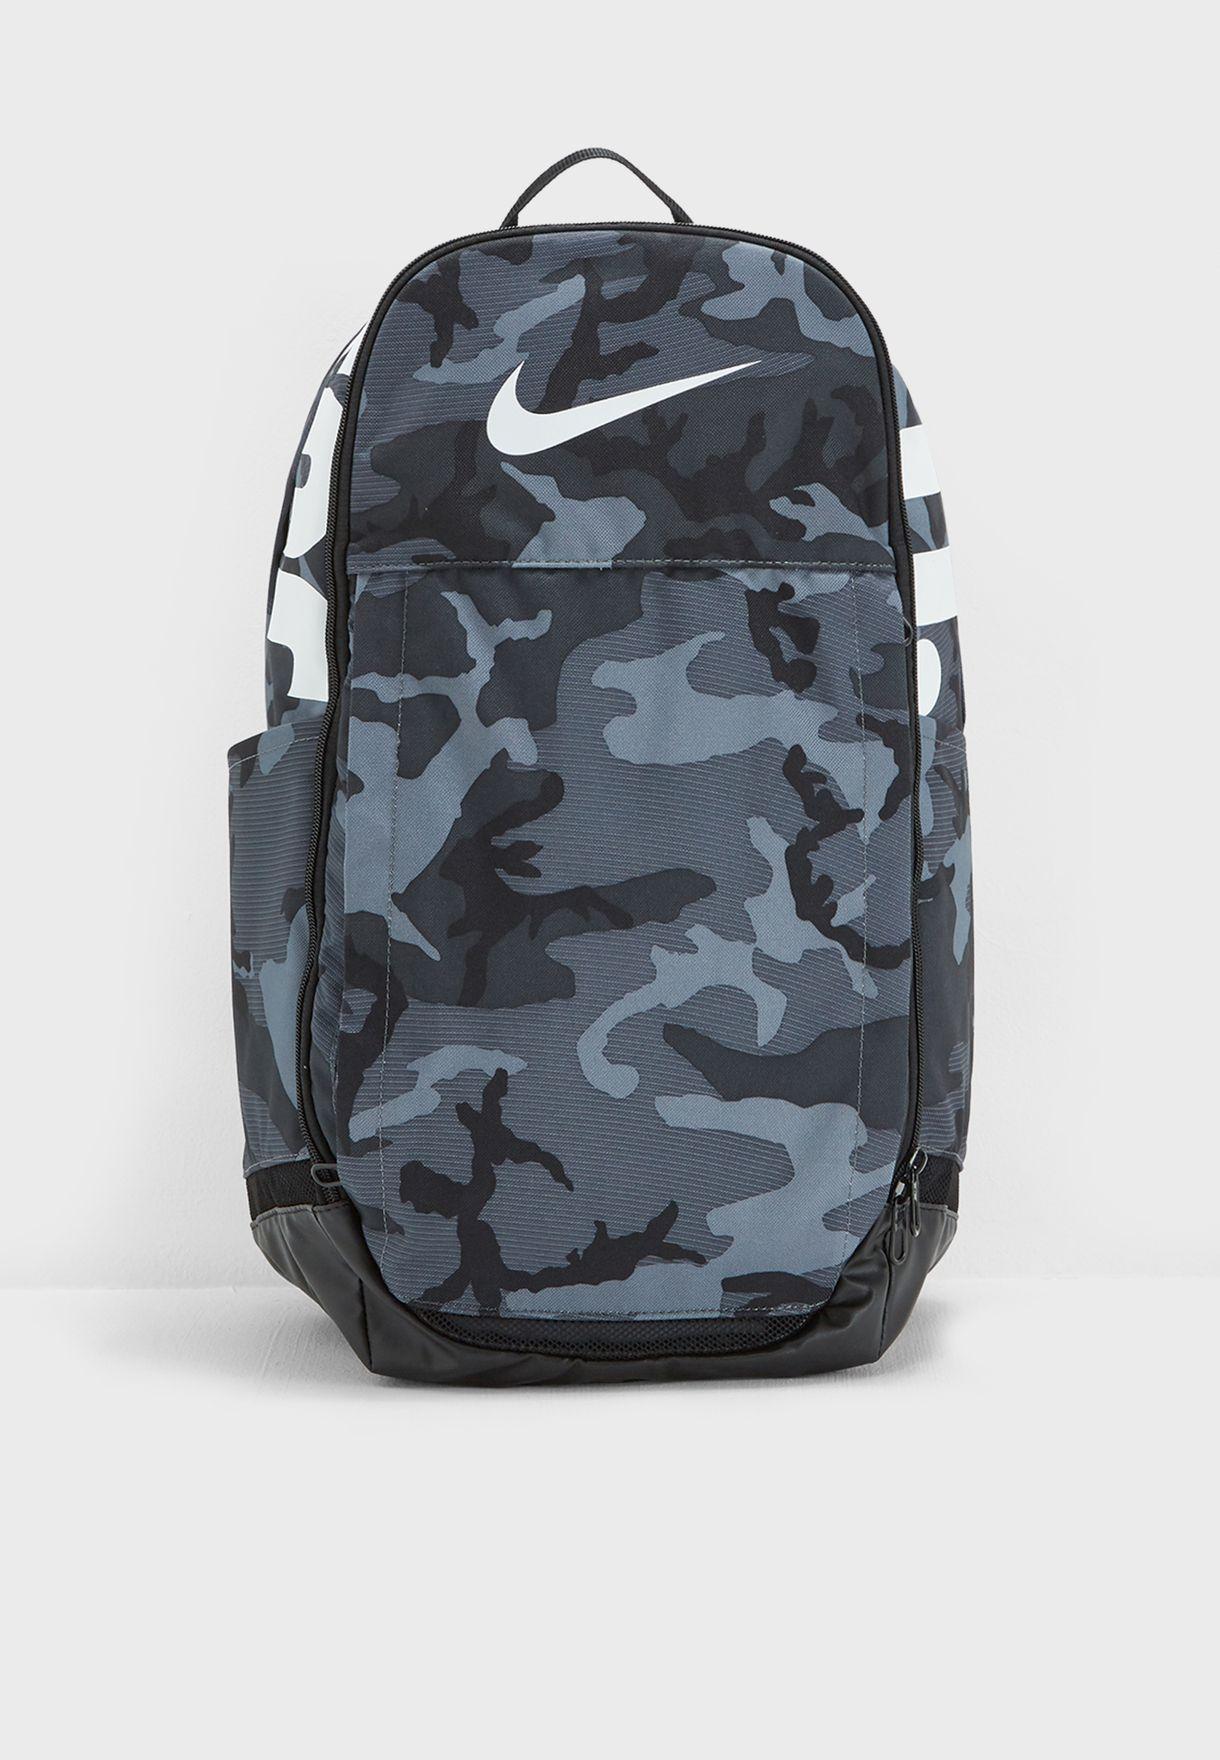 0142ea5afc1 ... Brasilia XL Backpack finest selection b1758 f4909  NIKE Brasilia 7  OrangeBlack Camouflage Graphic ...